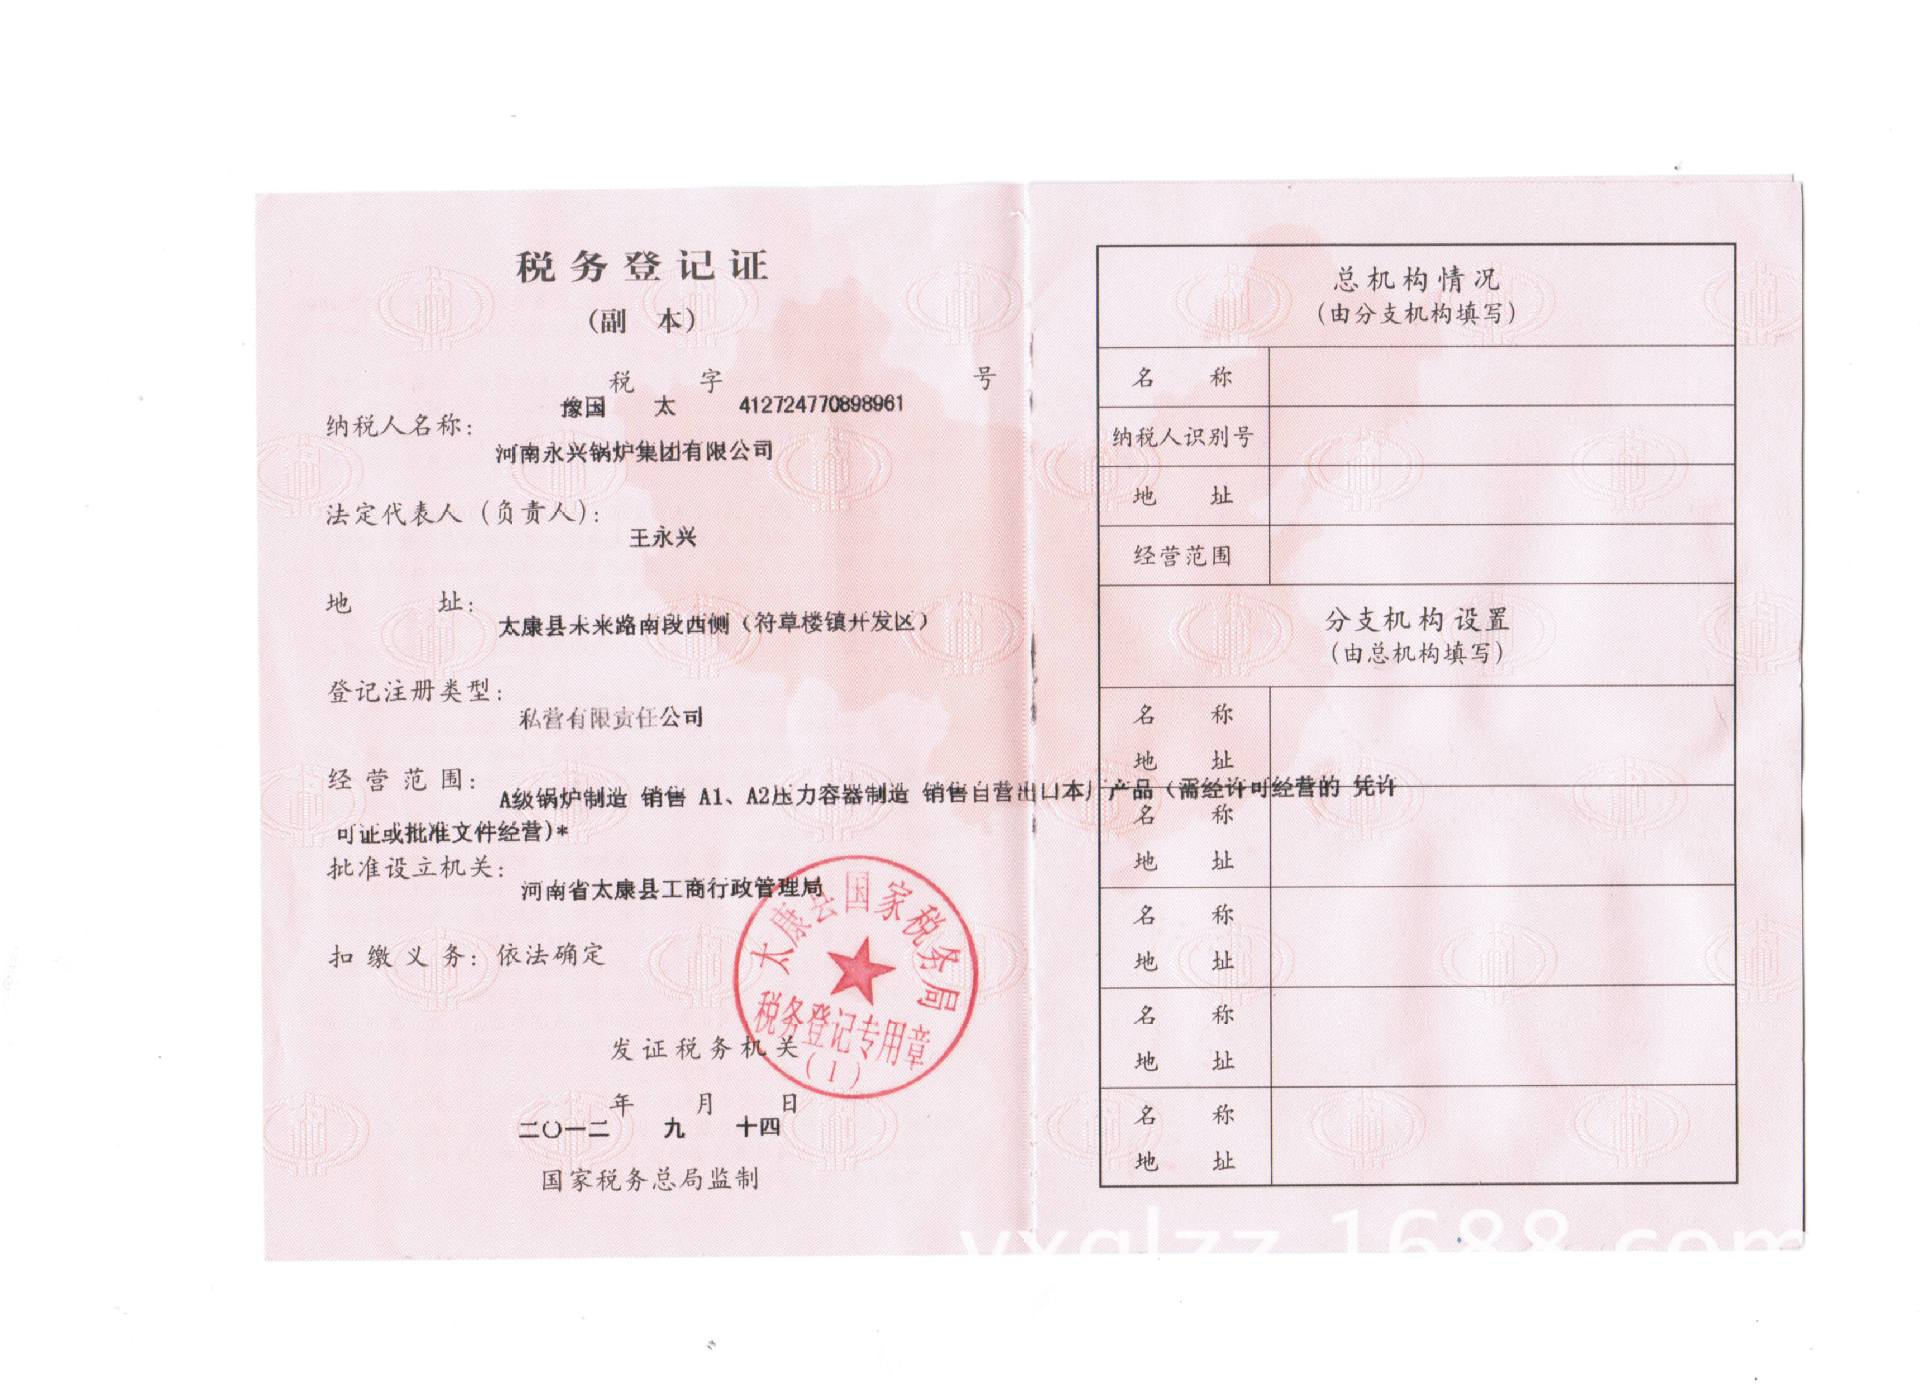 新税务登记证副本